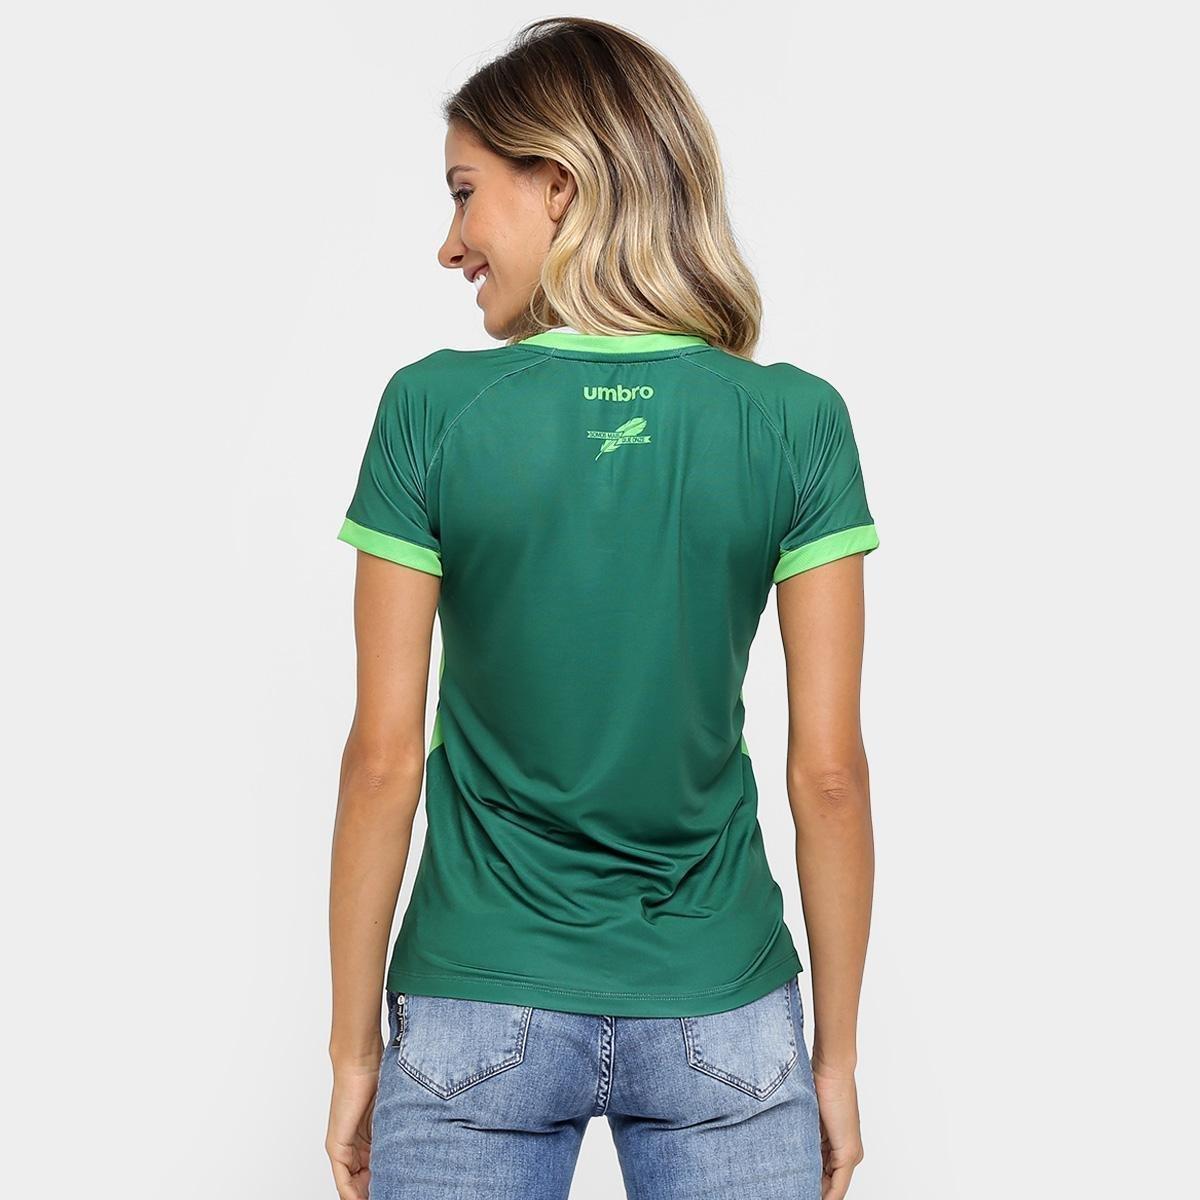 nº s Verde Feminina III Torcedor Chapecoense Umbro 16 17 Camisa Hz1XwpxIqw